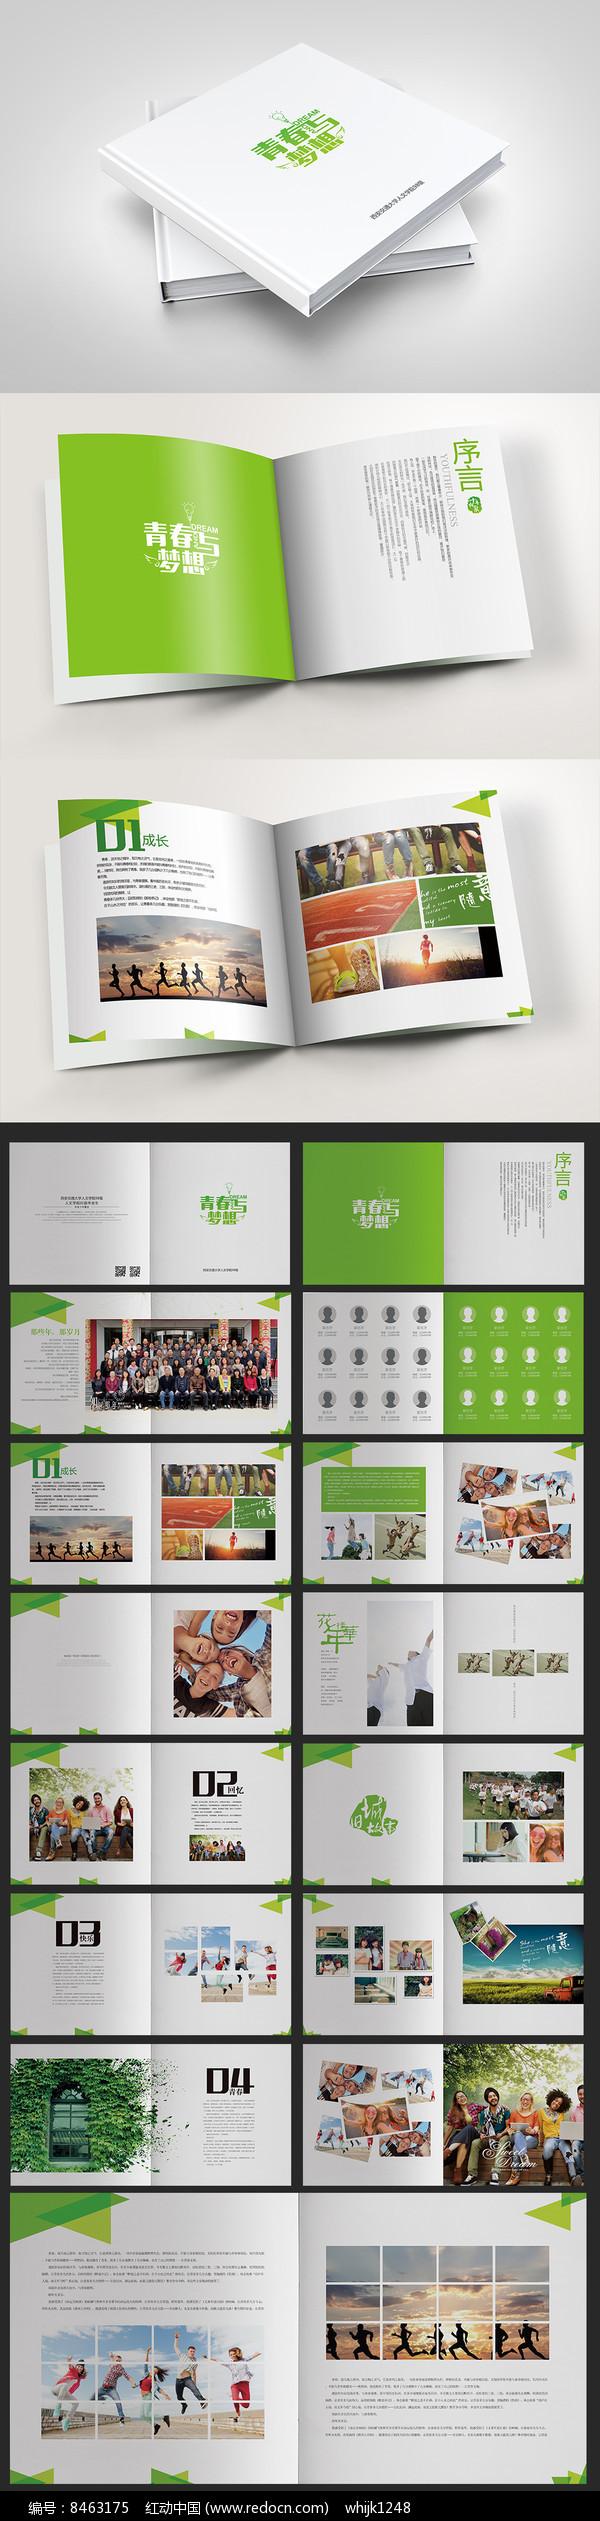 绿色清新毕业相册同学录纪念册图片